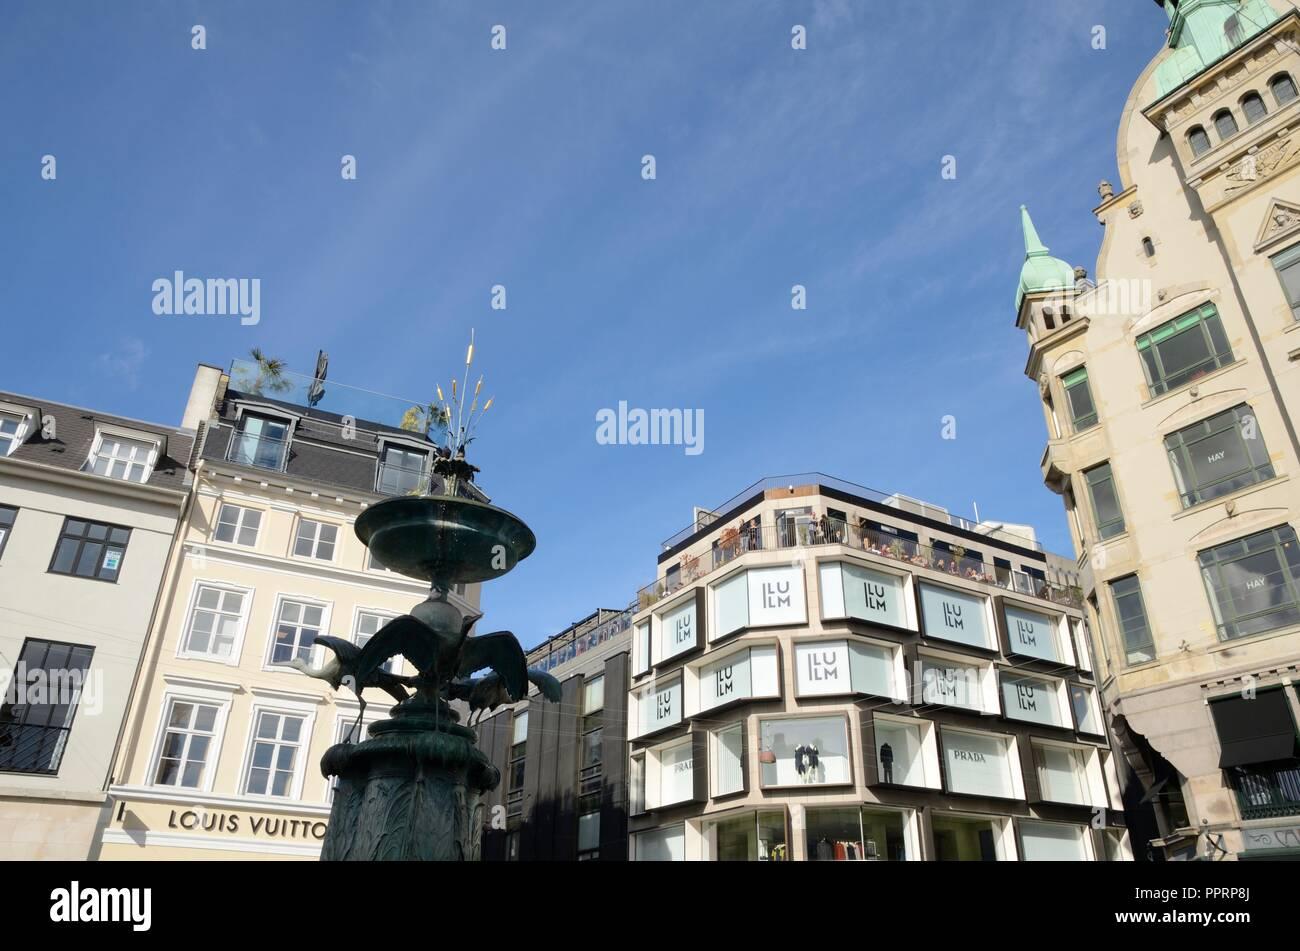 Copenhagen, Denmark - September 15, 2018:  Stork Fountain at  Amager Square surrounded by buildings in central Copenhagen, Denmark. - Stock Image